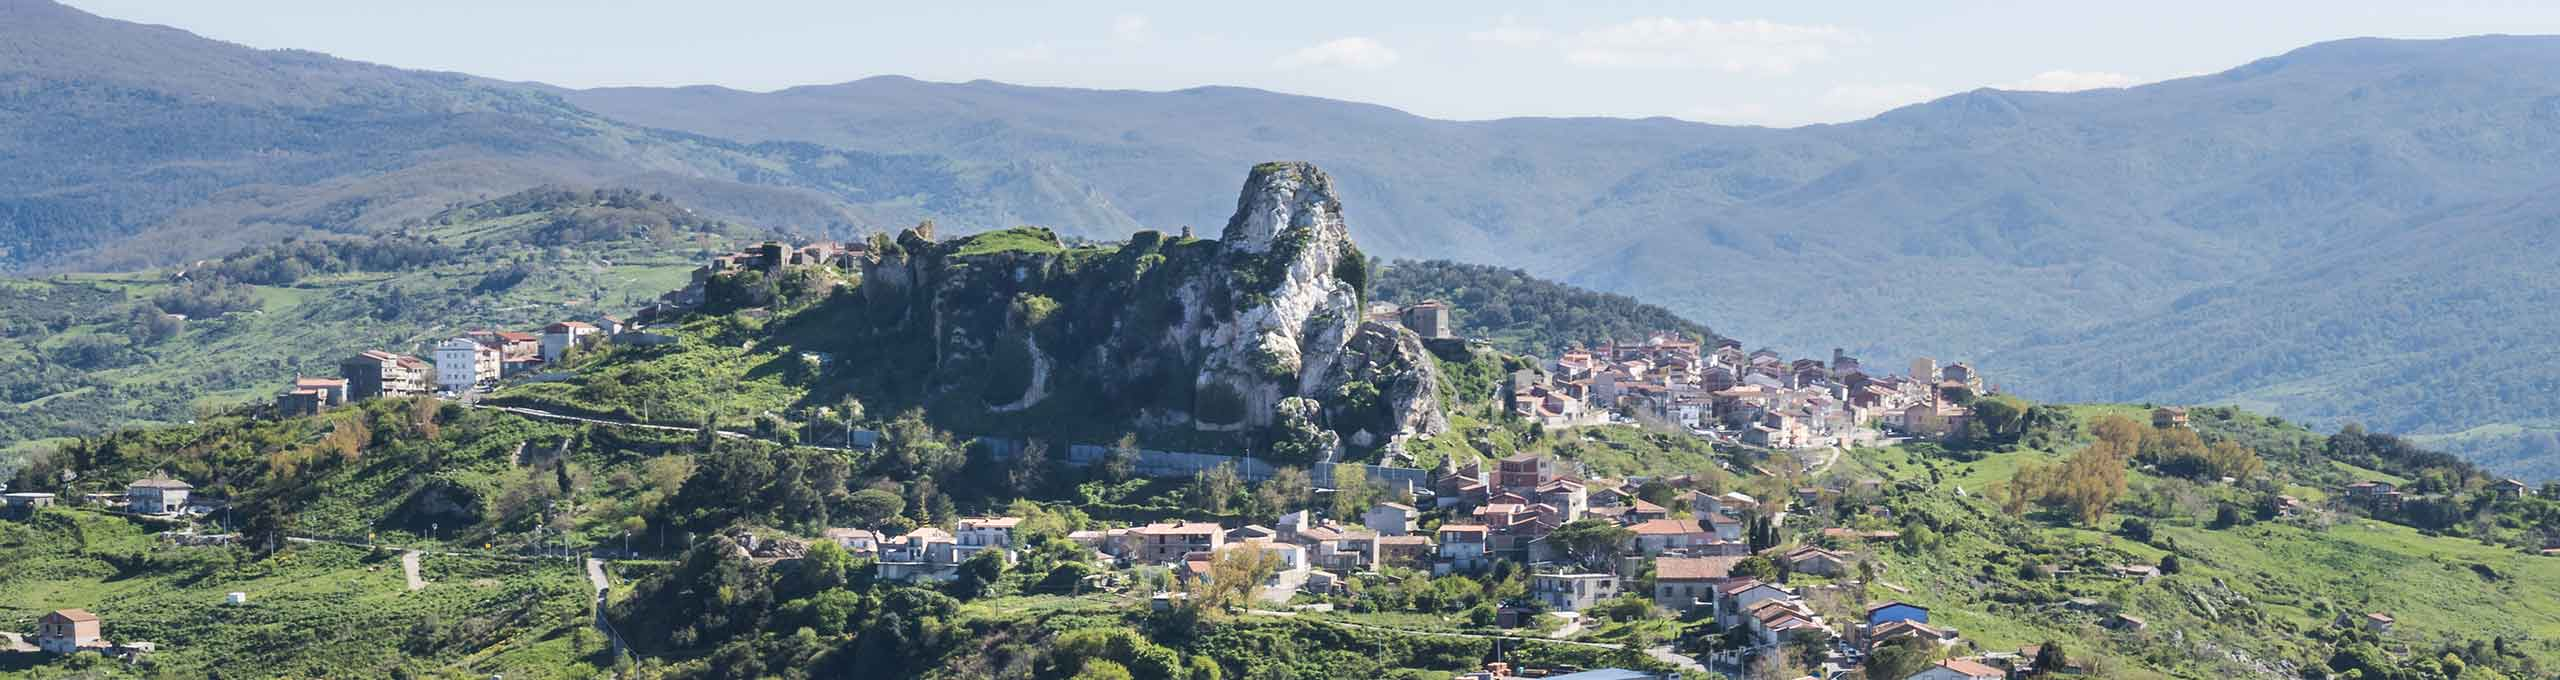 San Fratello, Parco dei Nebrodi